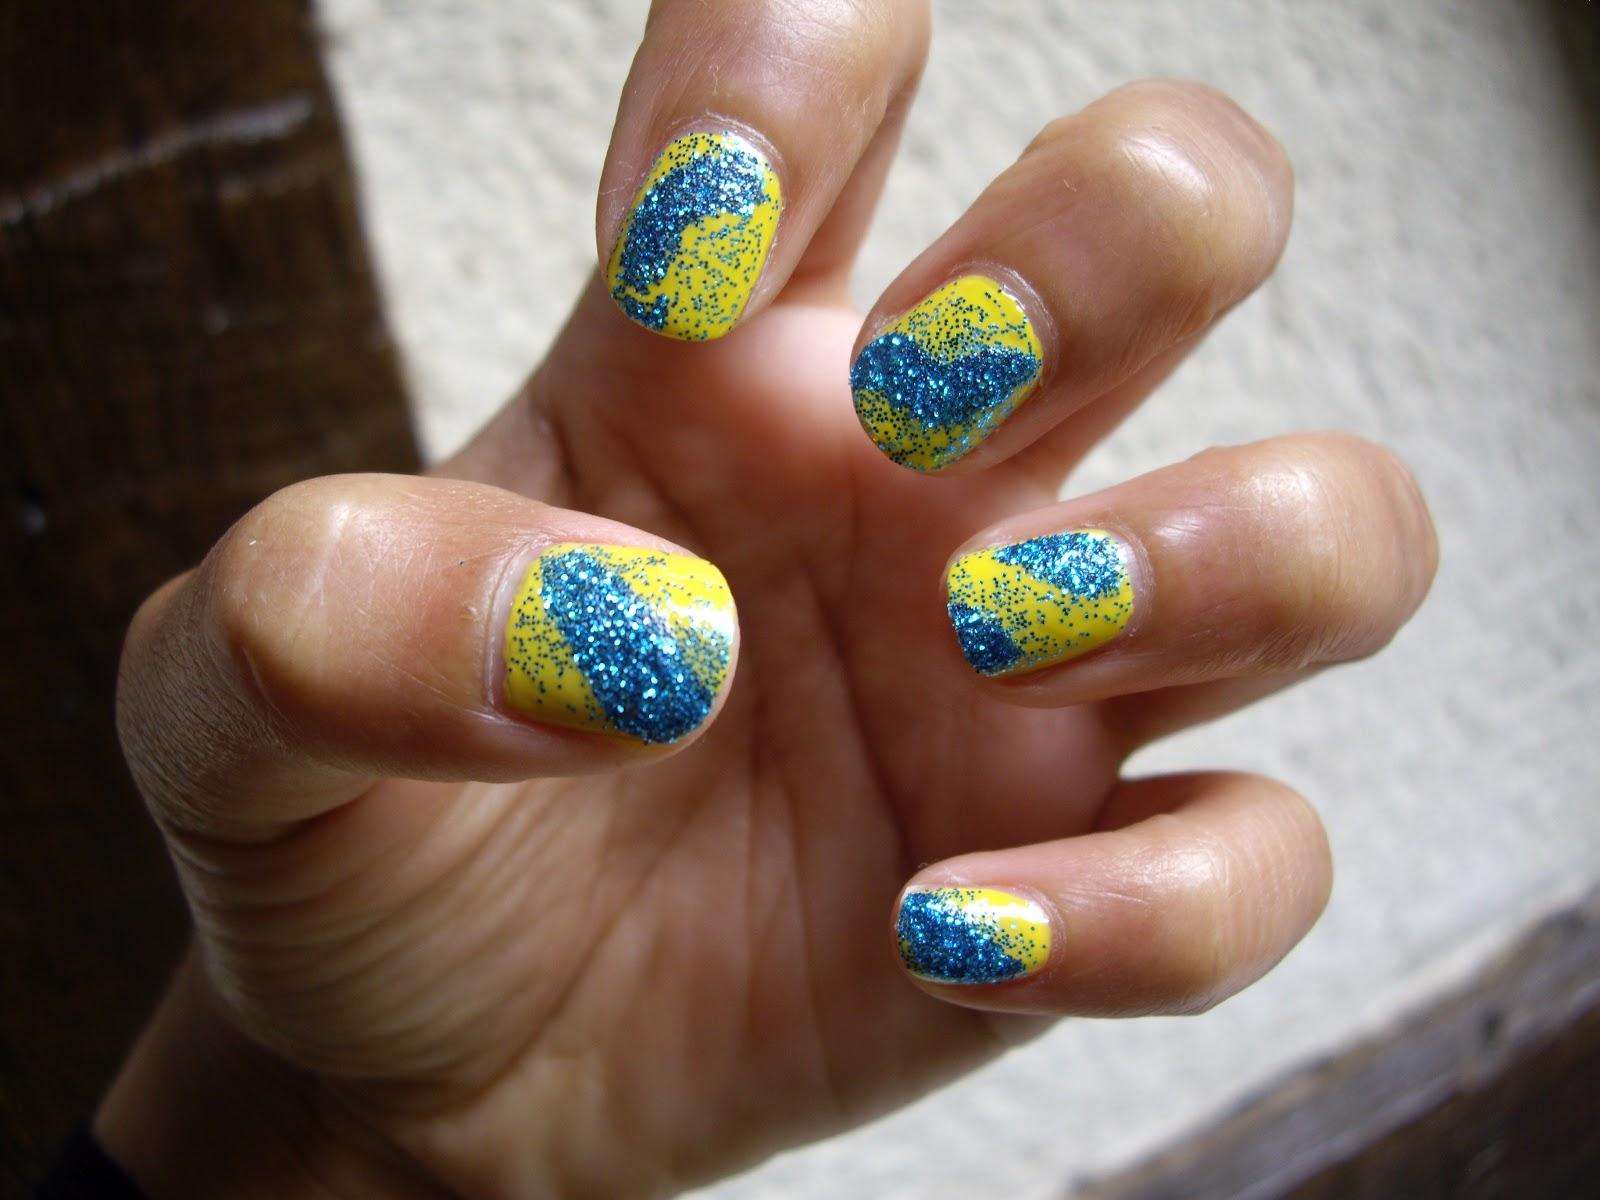 le blog d 39 une asiatique tuto nail art facile base de vernis jaune et de paillettes bleues. Black Bedroom Furniture Sets. Home Design Ideas